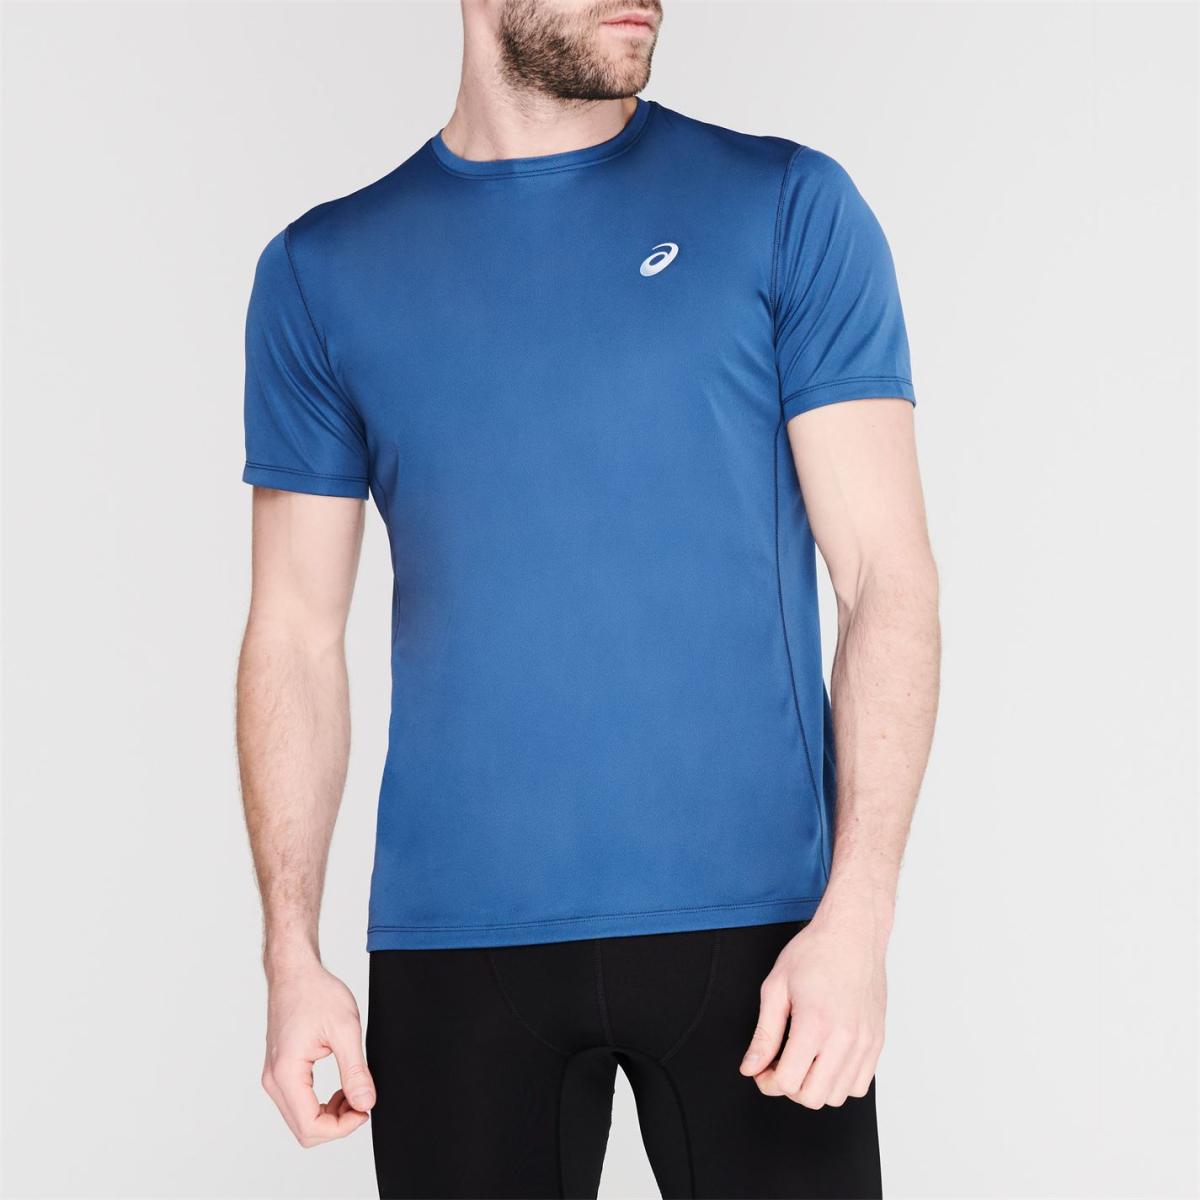 Asics Katakana T-Shirt Herren Sportshirt TShirt Kurzarm 82